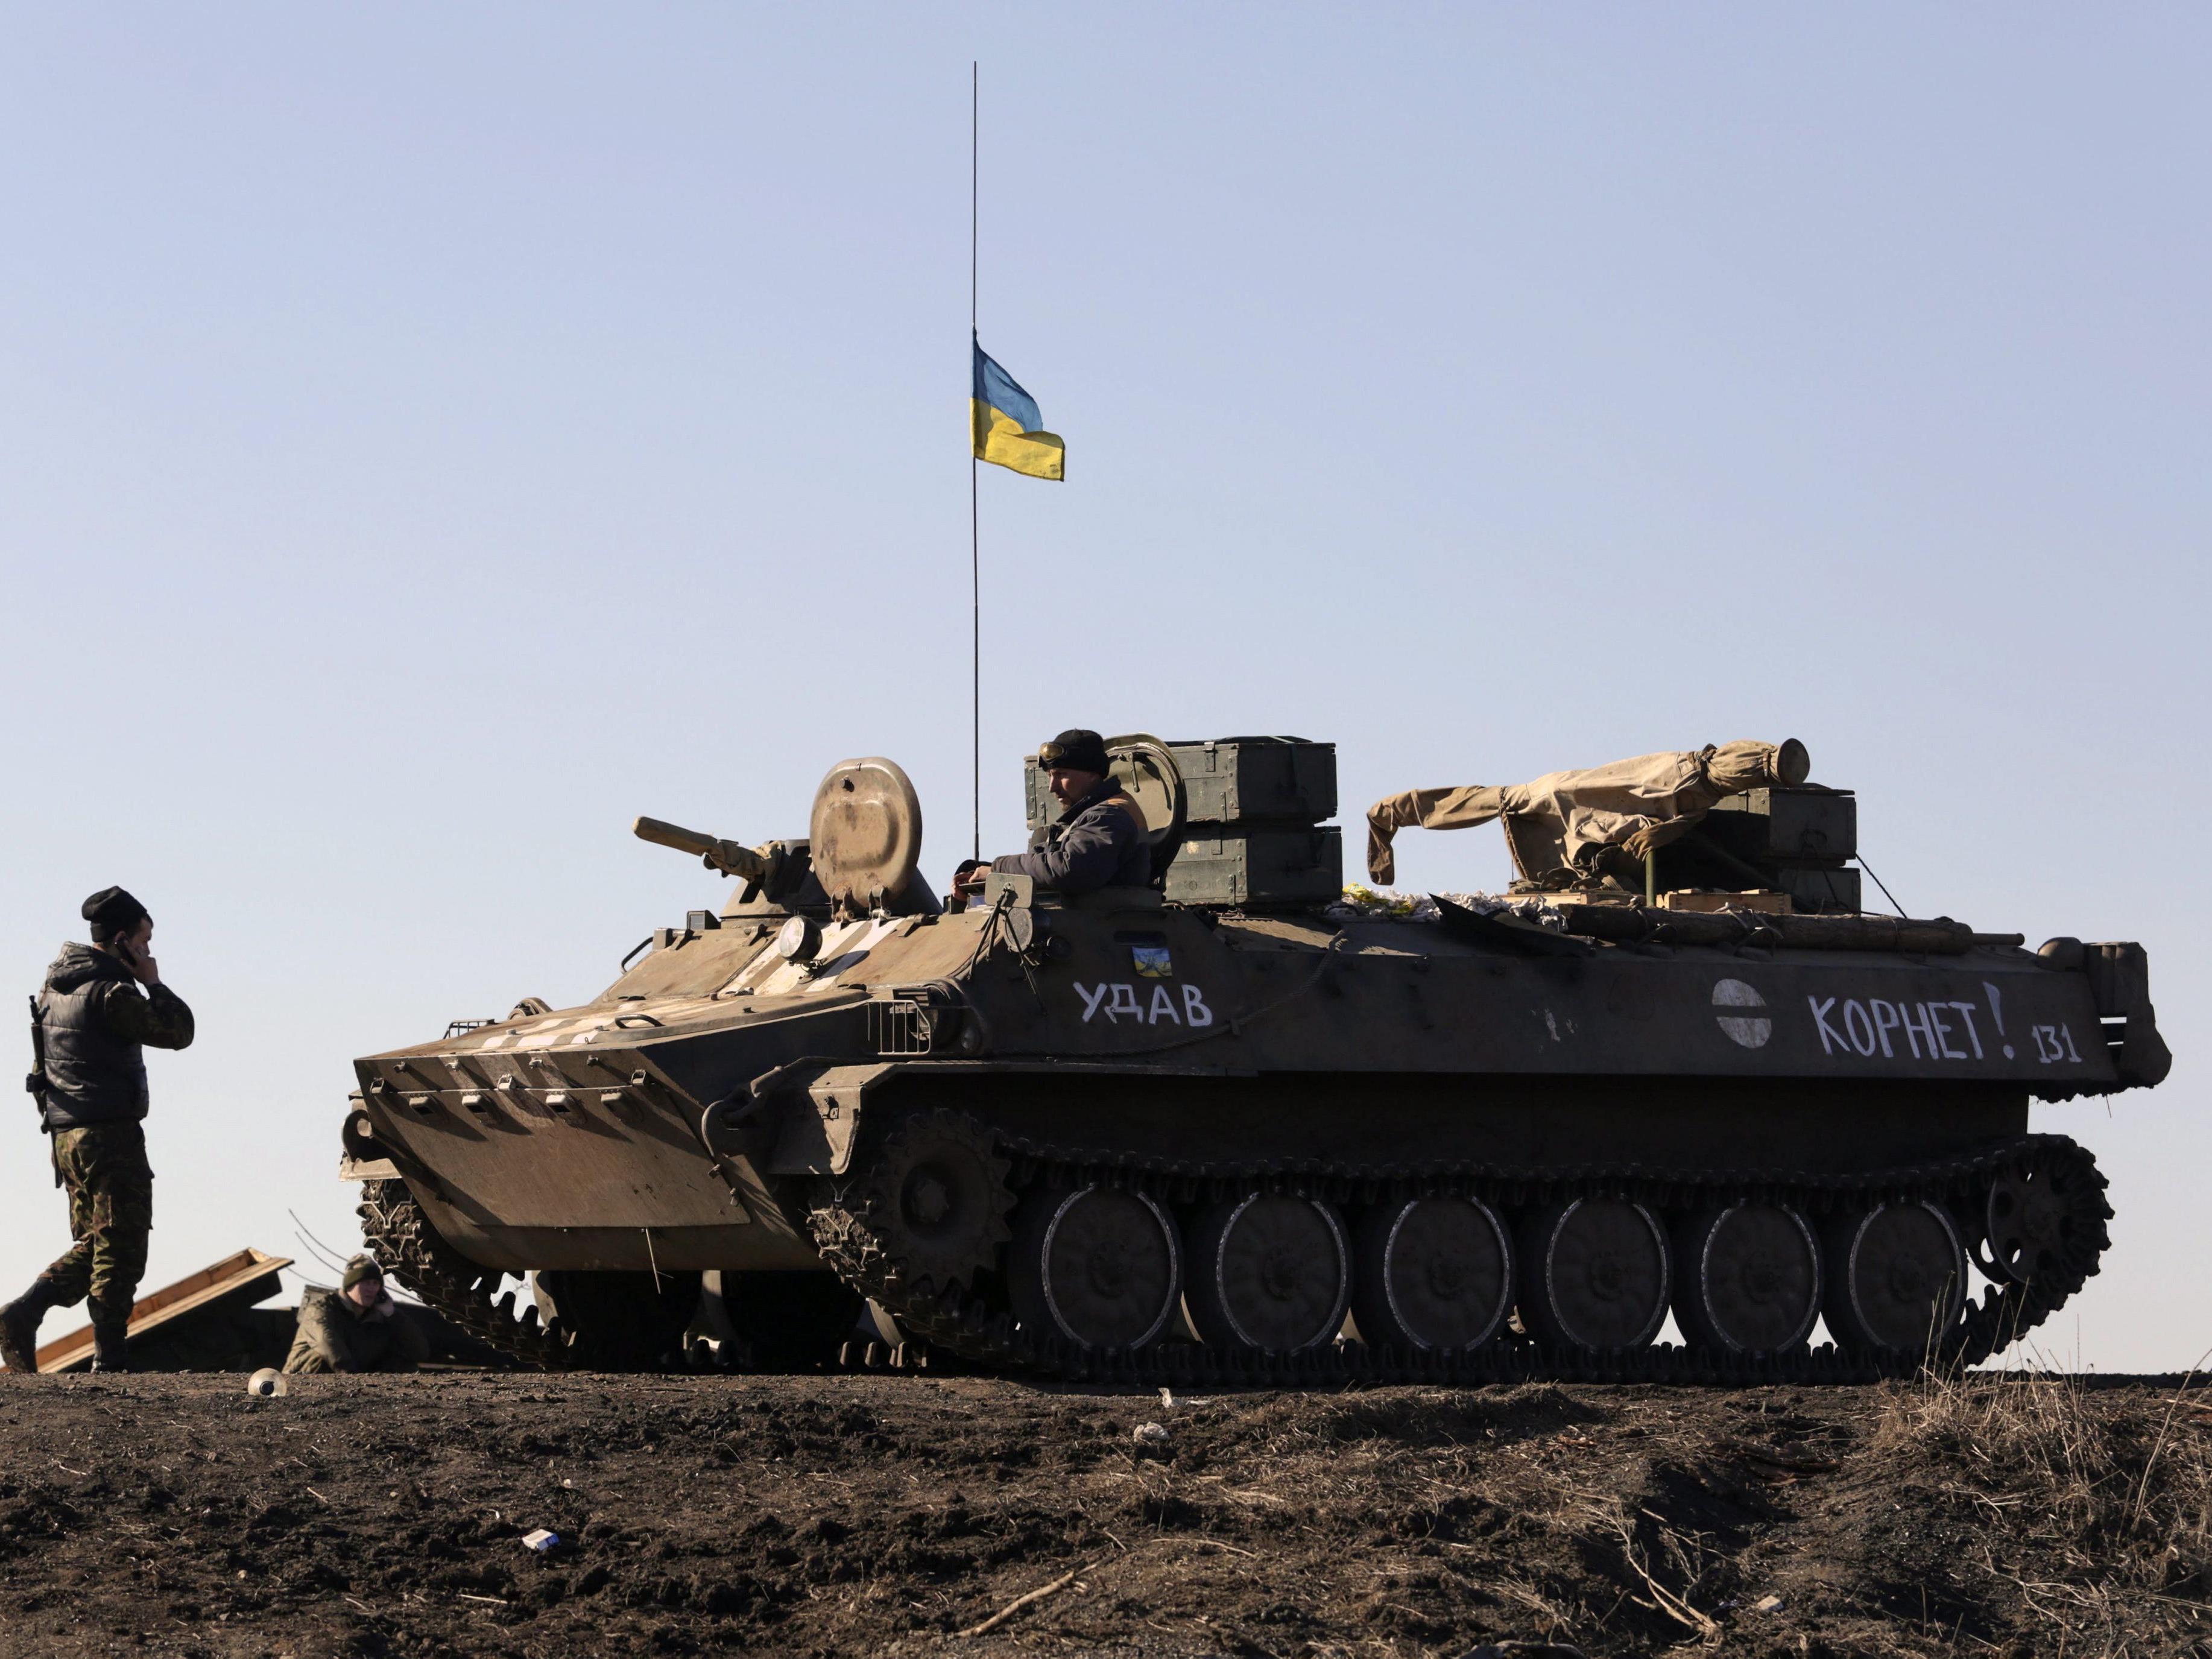 Die Ukraine stoppt den Abzug ihrer schweren Waffen, da die Separatisten damit hinter dem Zeitplan liegen.